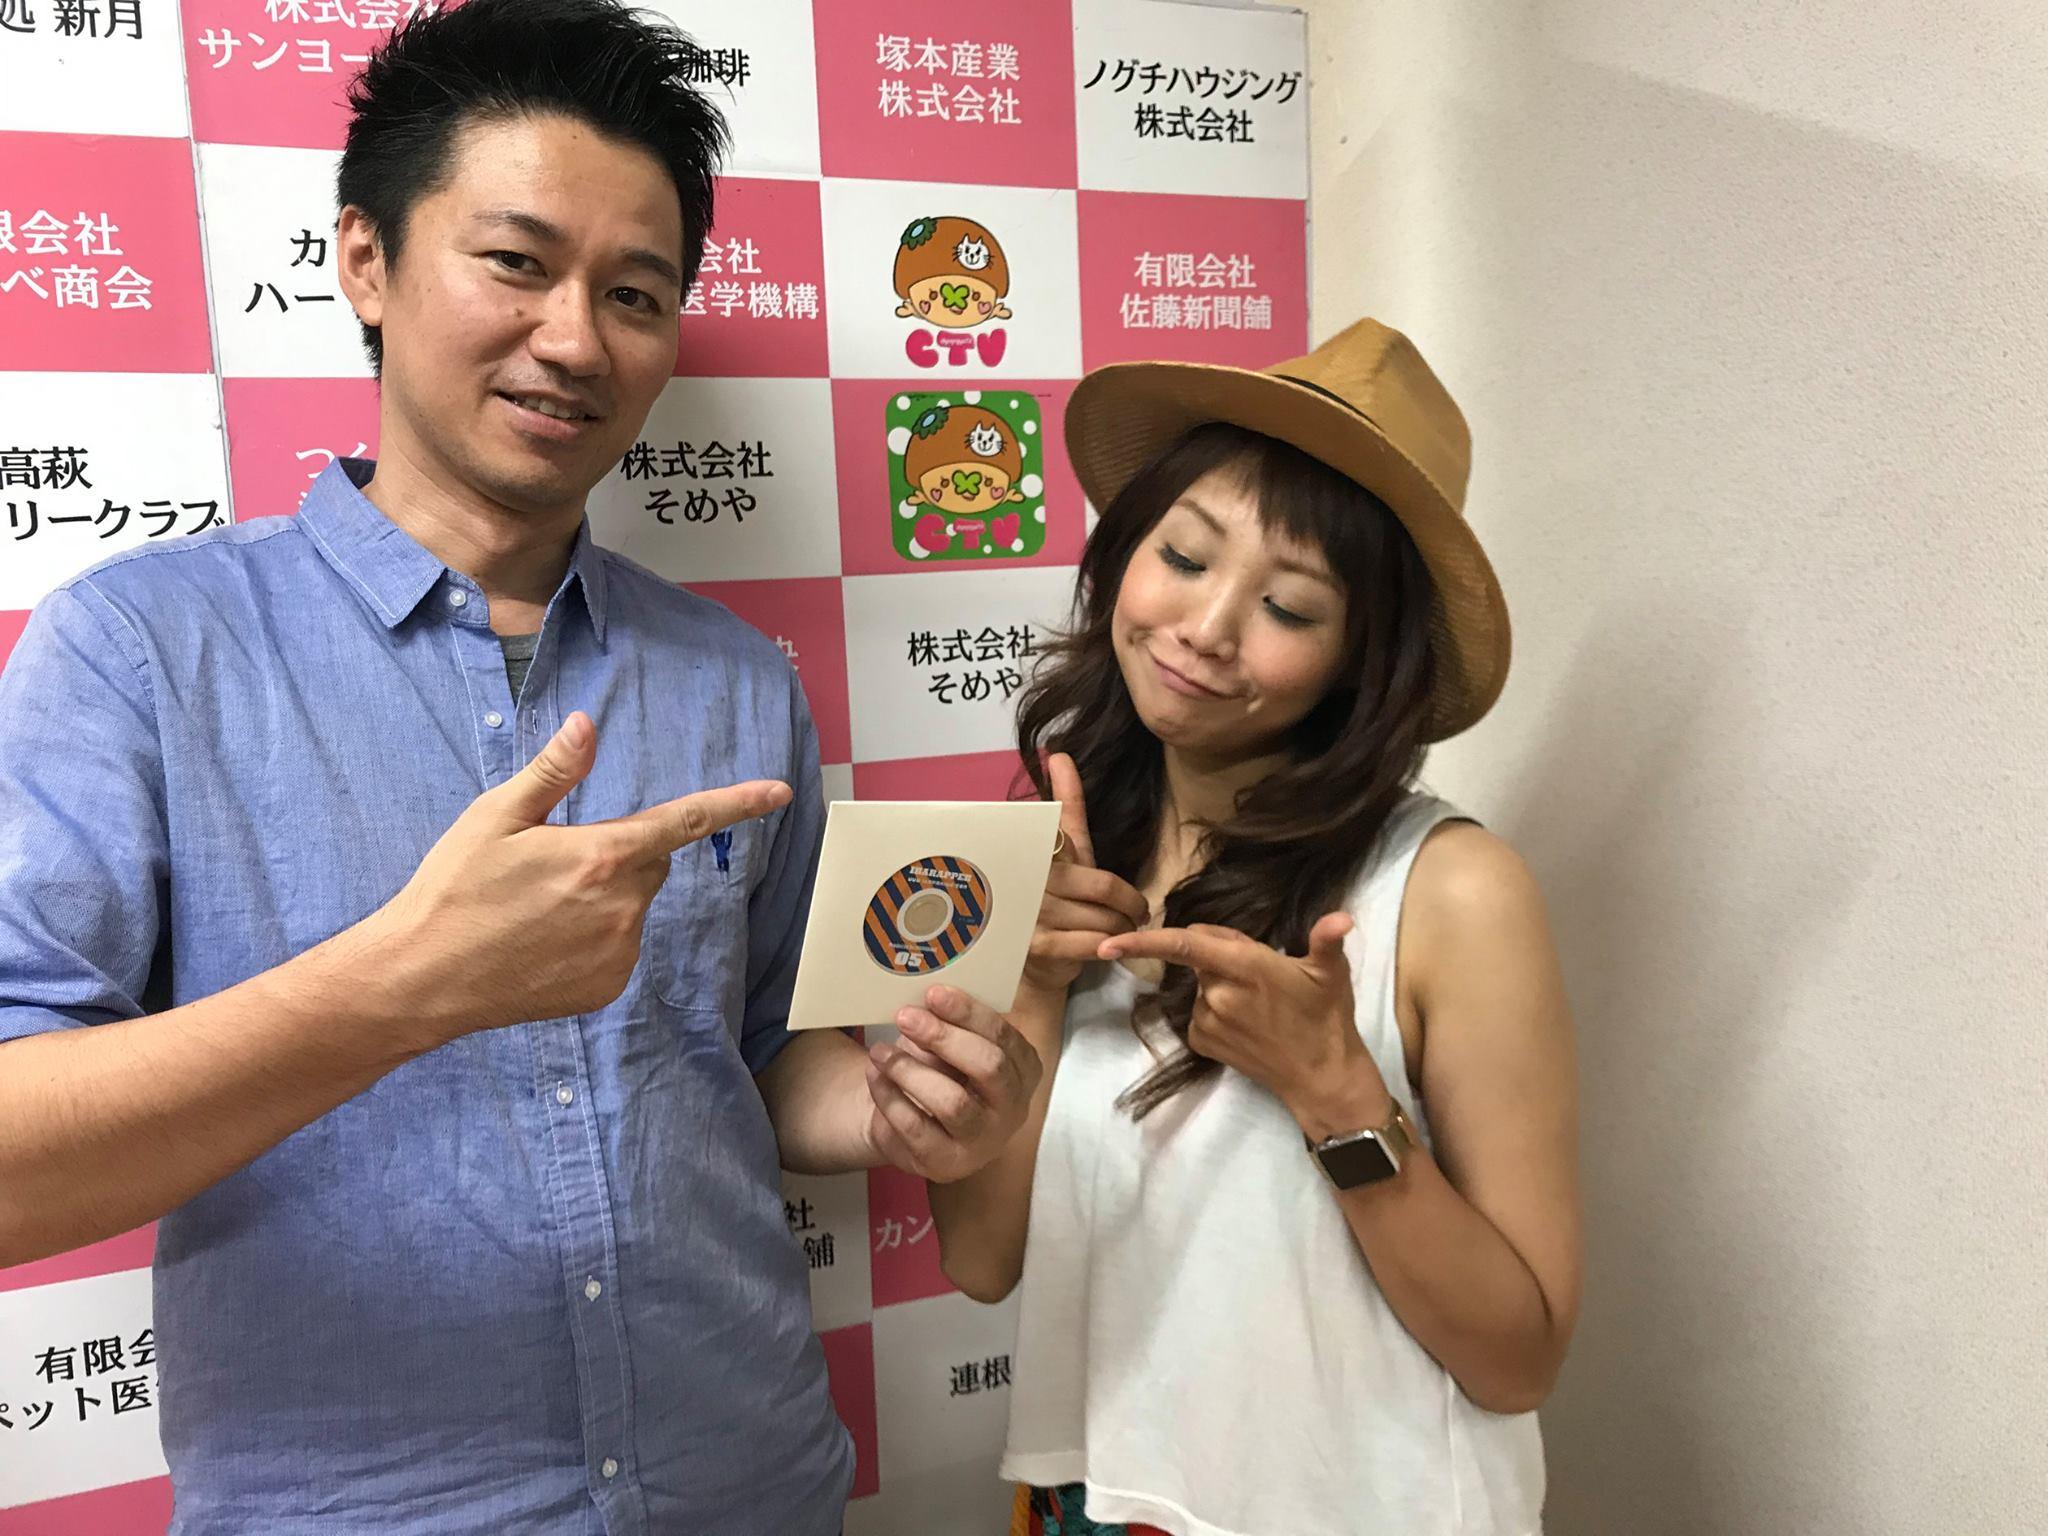 [2017/6/21]♡夕暮れモーモー #50♡ゲスト イバラキング